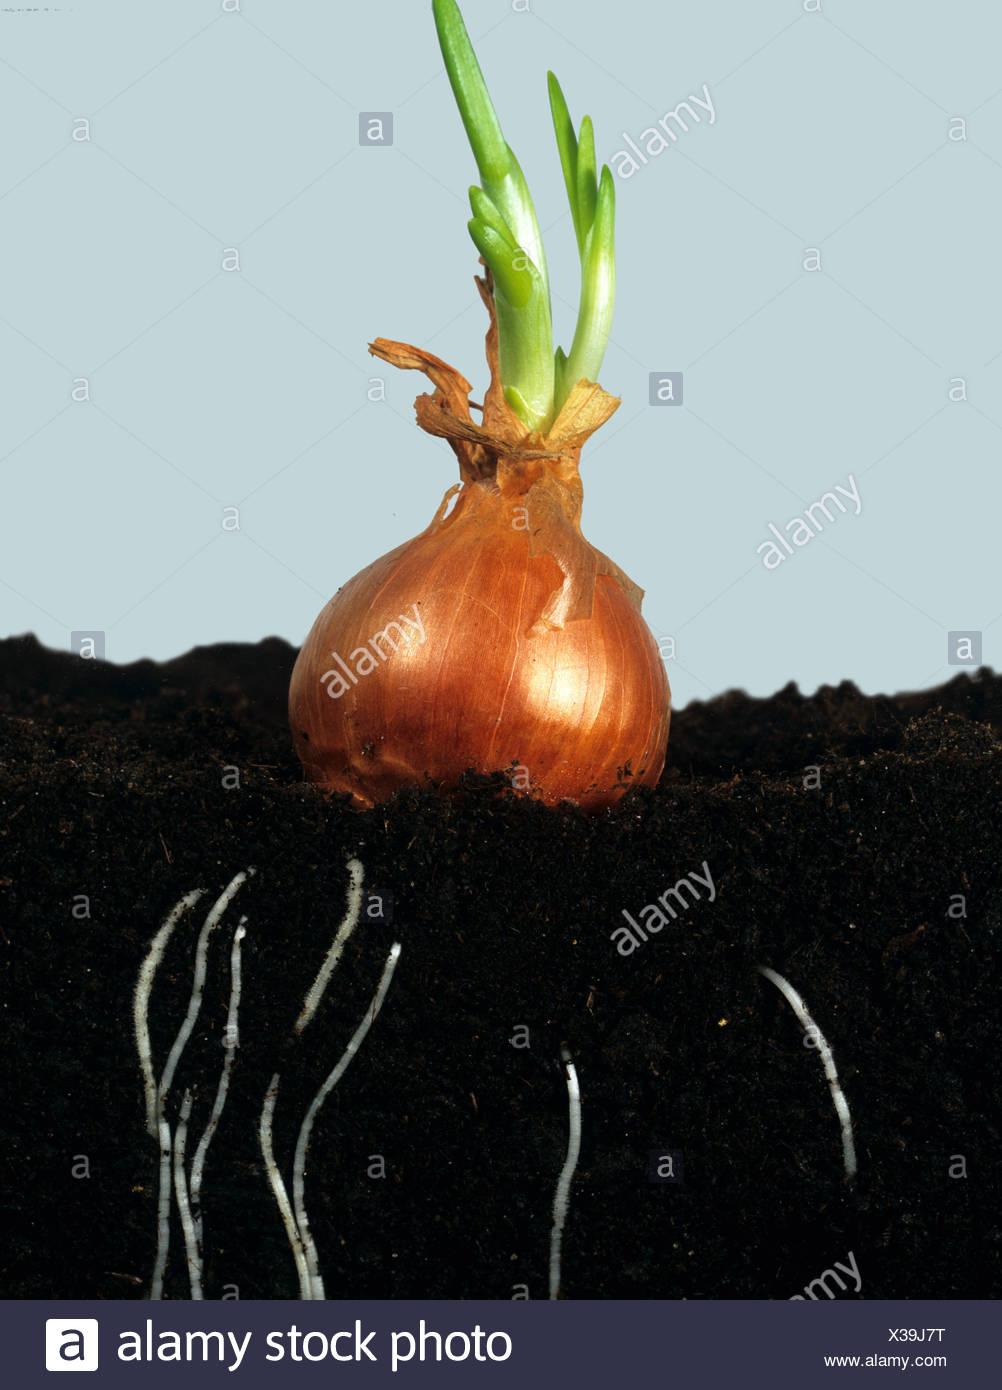 Bulbo della cipolla inizio per riprendere e sviluppare radici nel suolo Immagini Stock